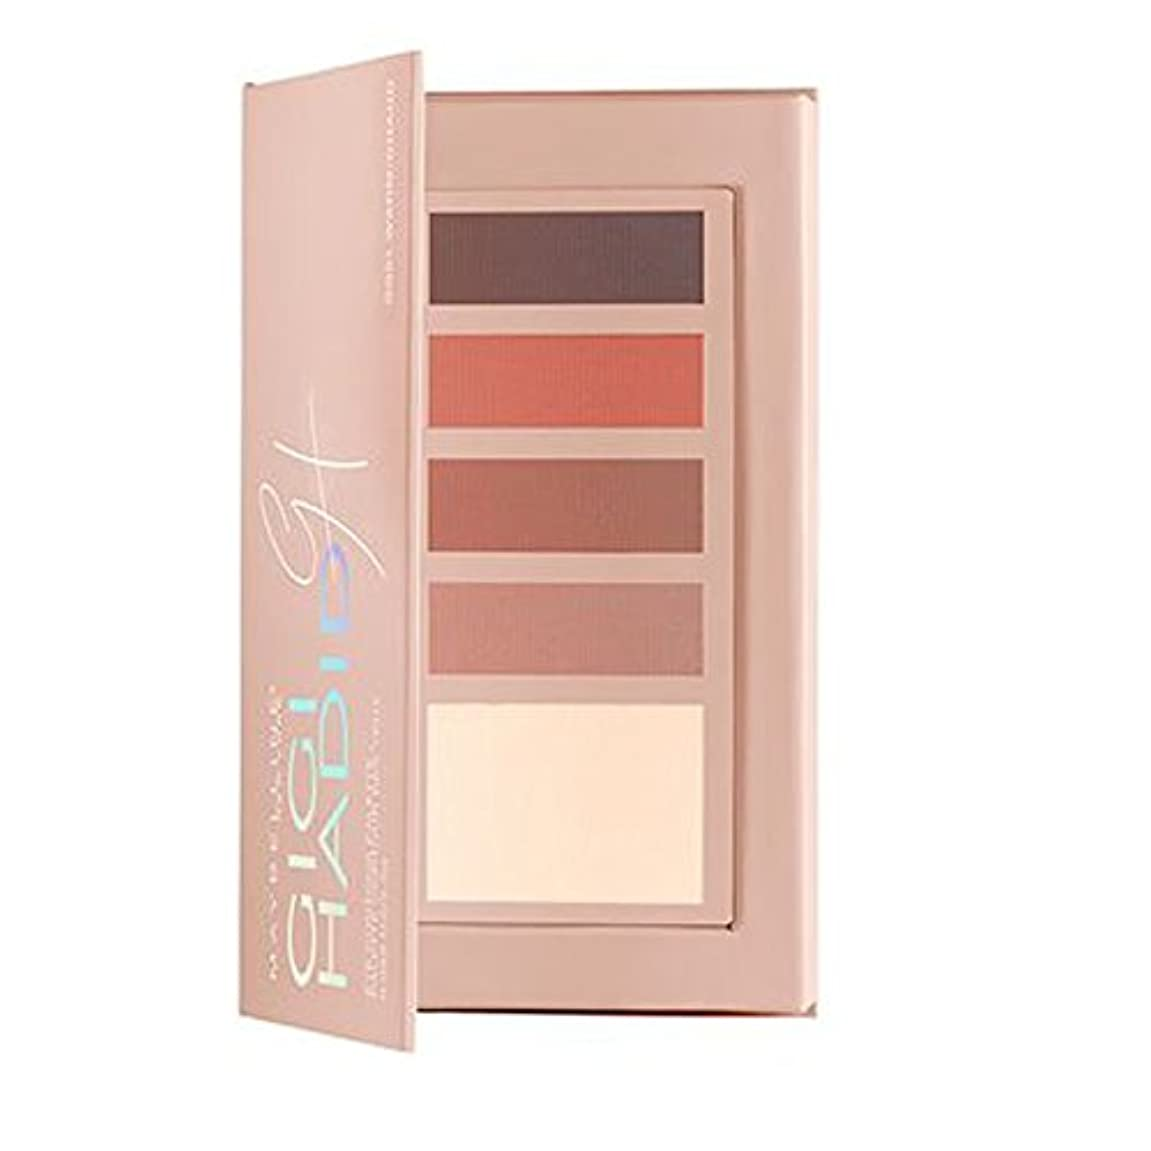 ばかスクリーチびんメイベリン Gigi Hadid Eye Contour palette - # GG01 Warm 2.5g/0.088oz並行輸入品